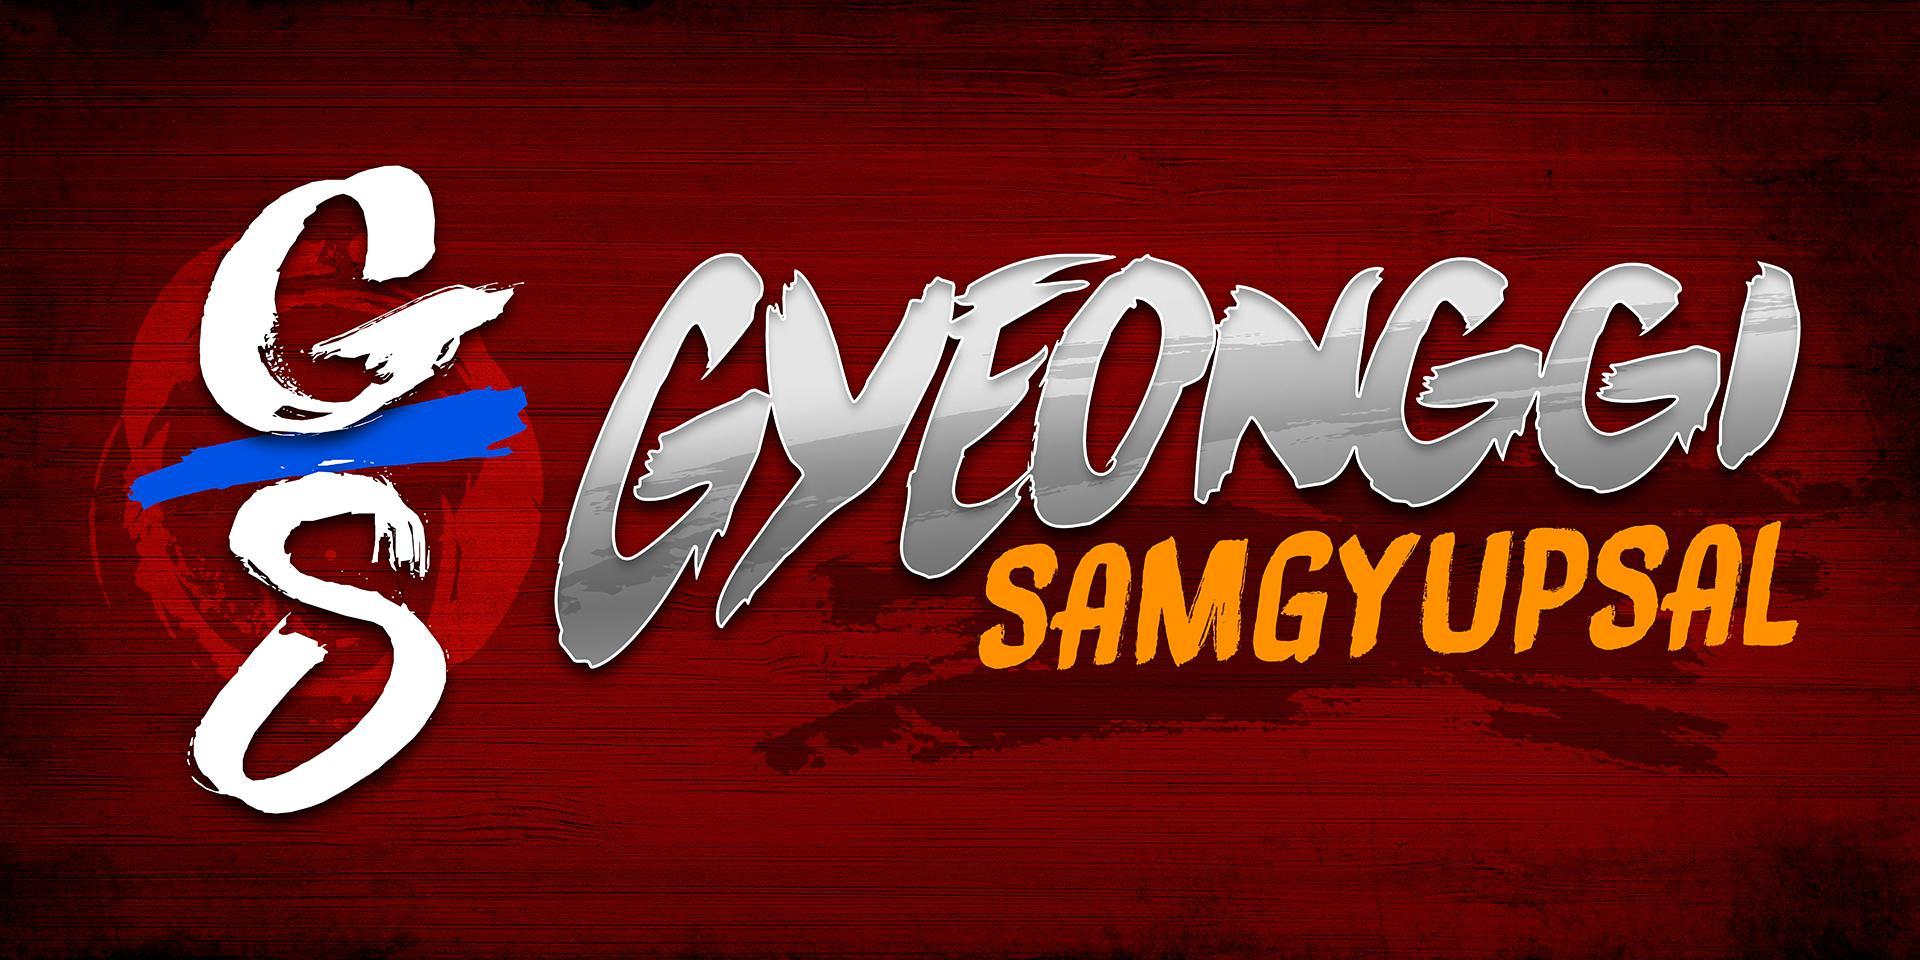 Gyeonggi Samgyupsal Carmona